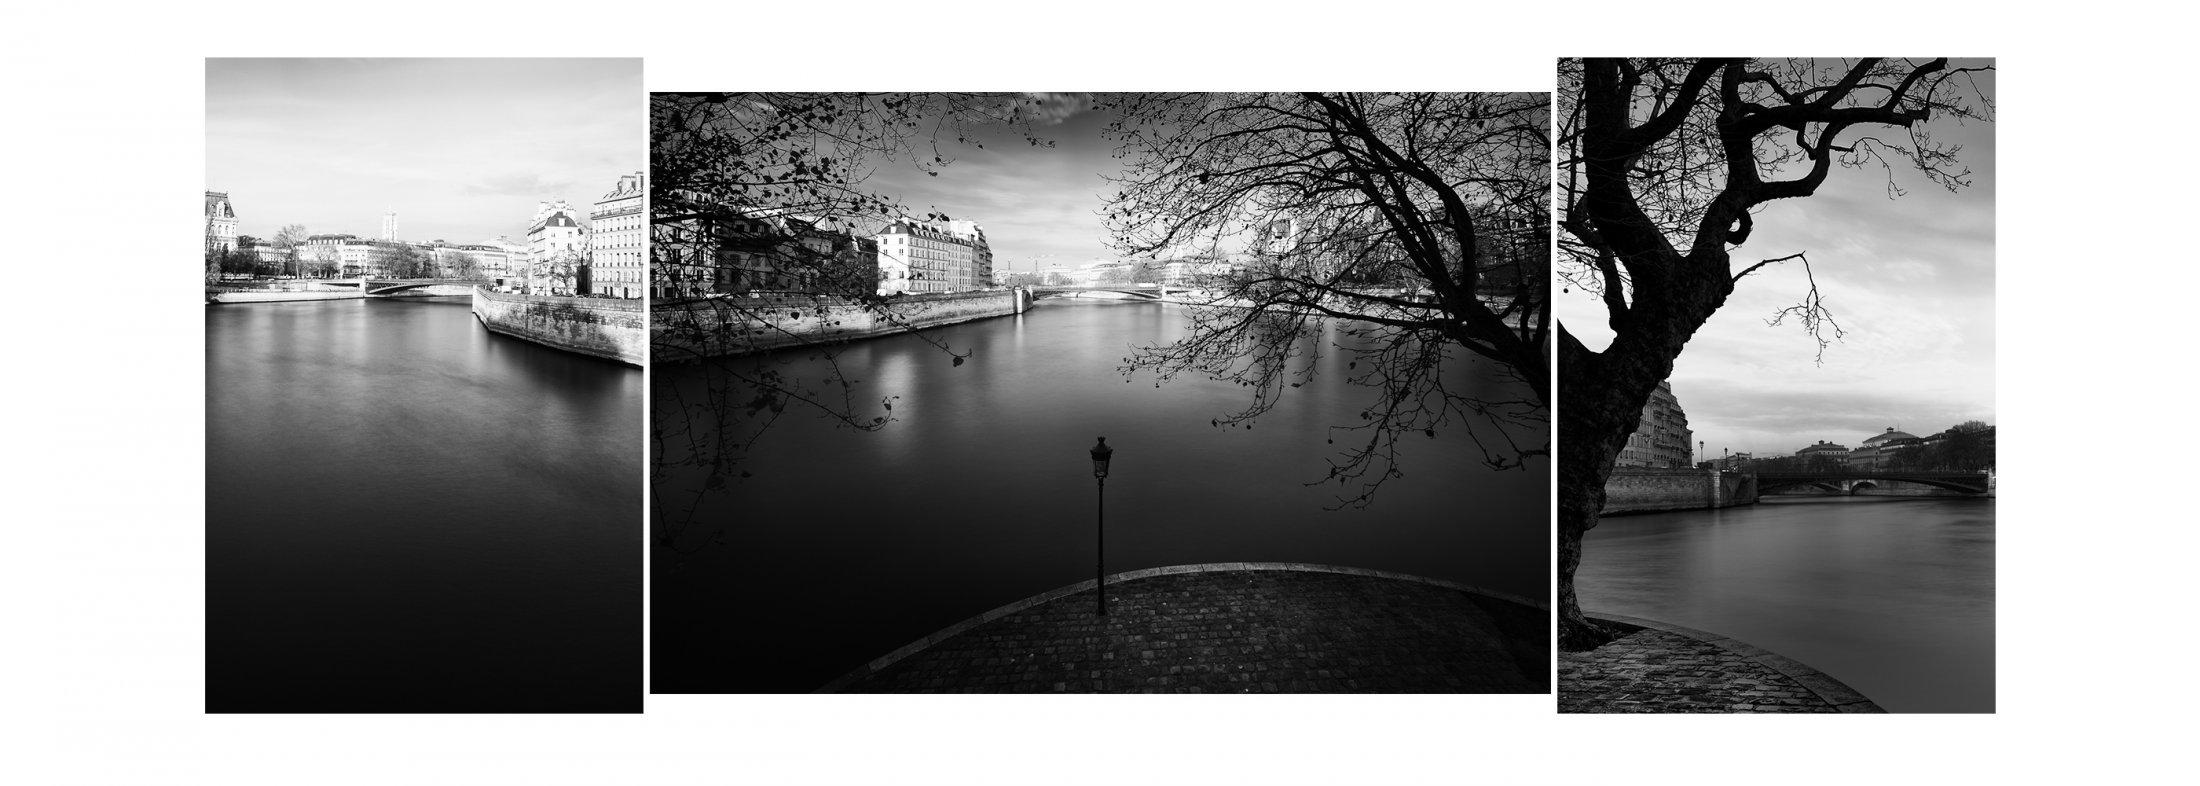 085-Seine